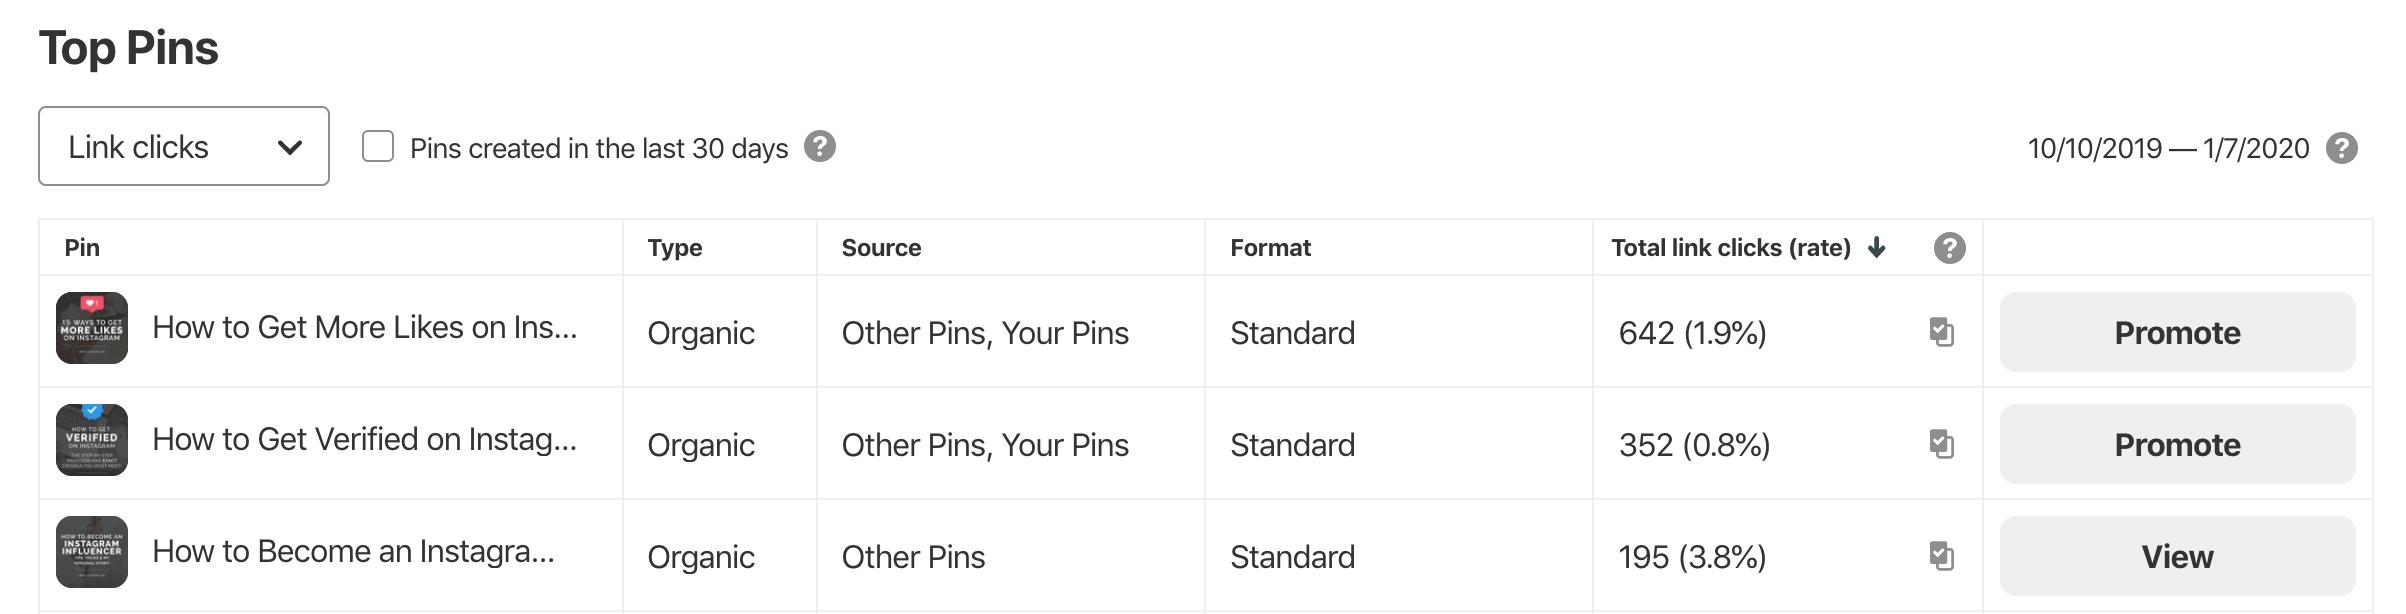 Pinterest for Business - Analytics